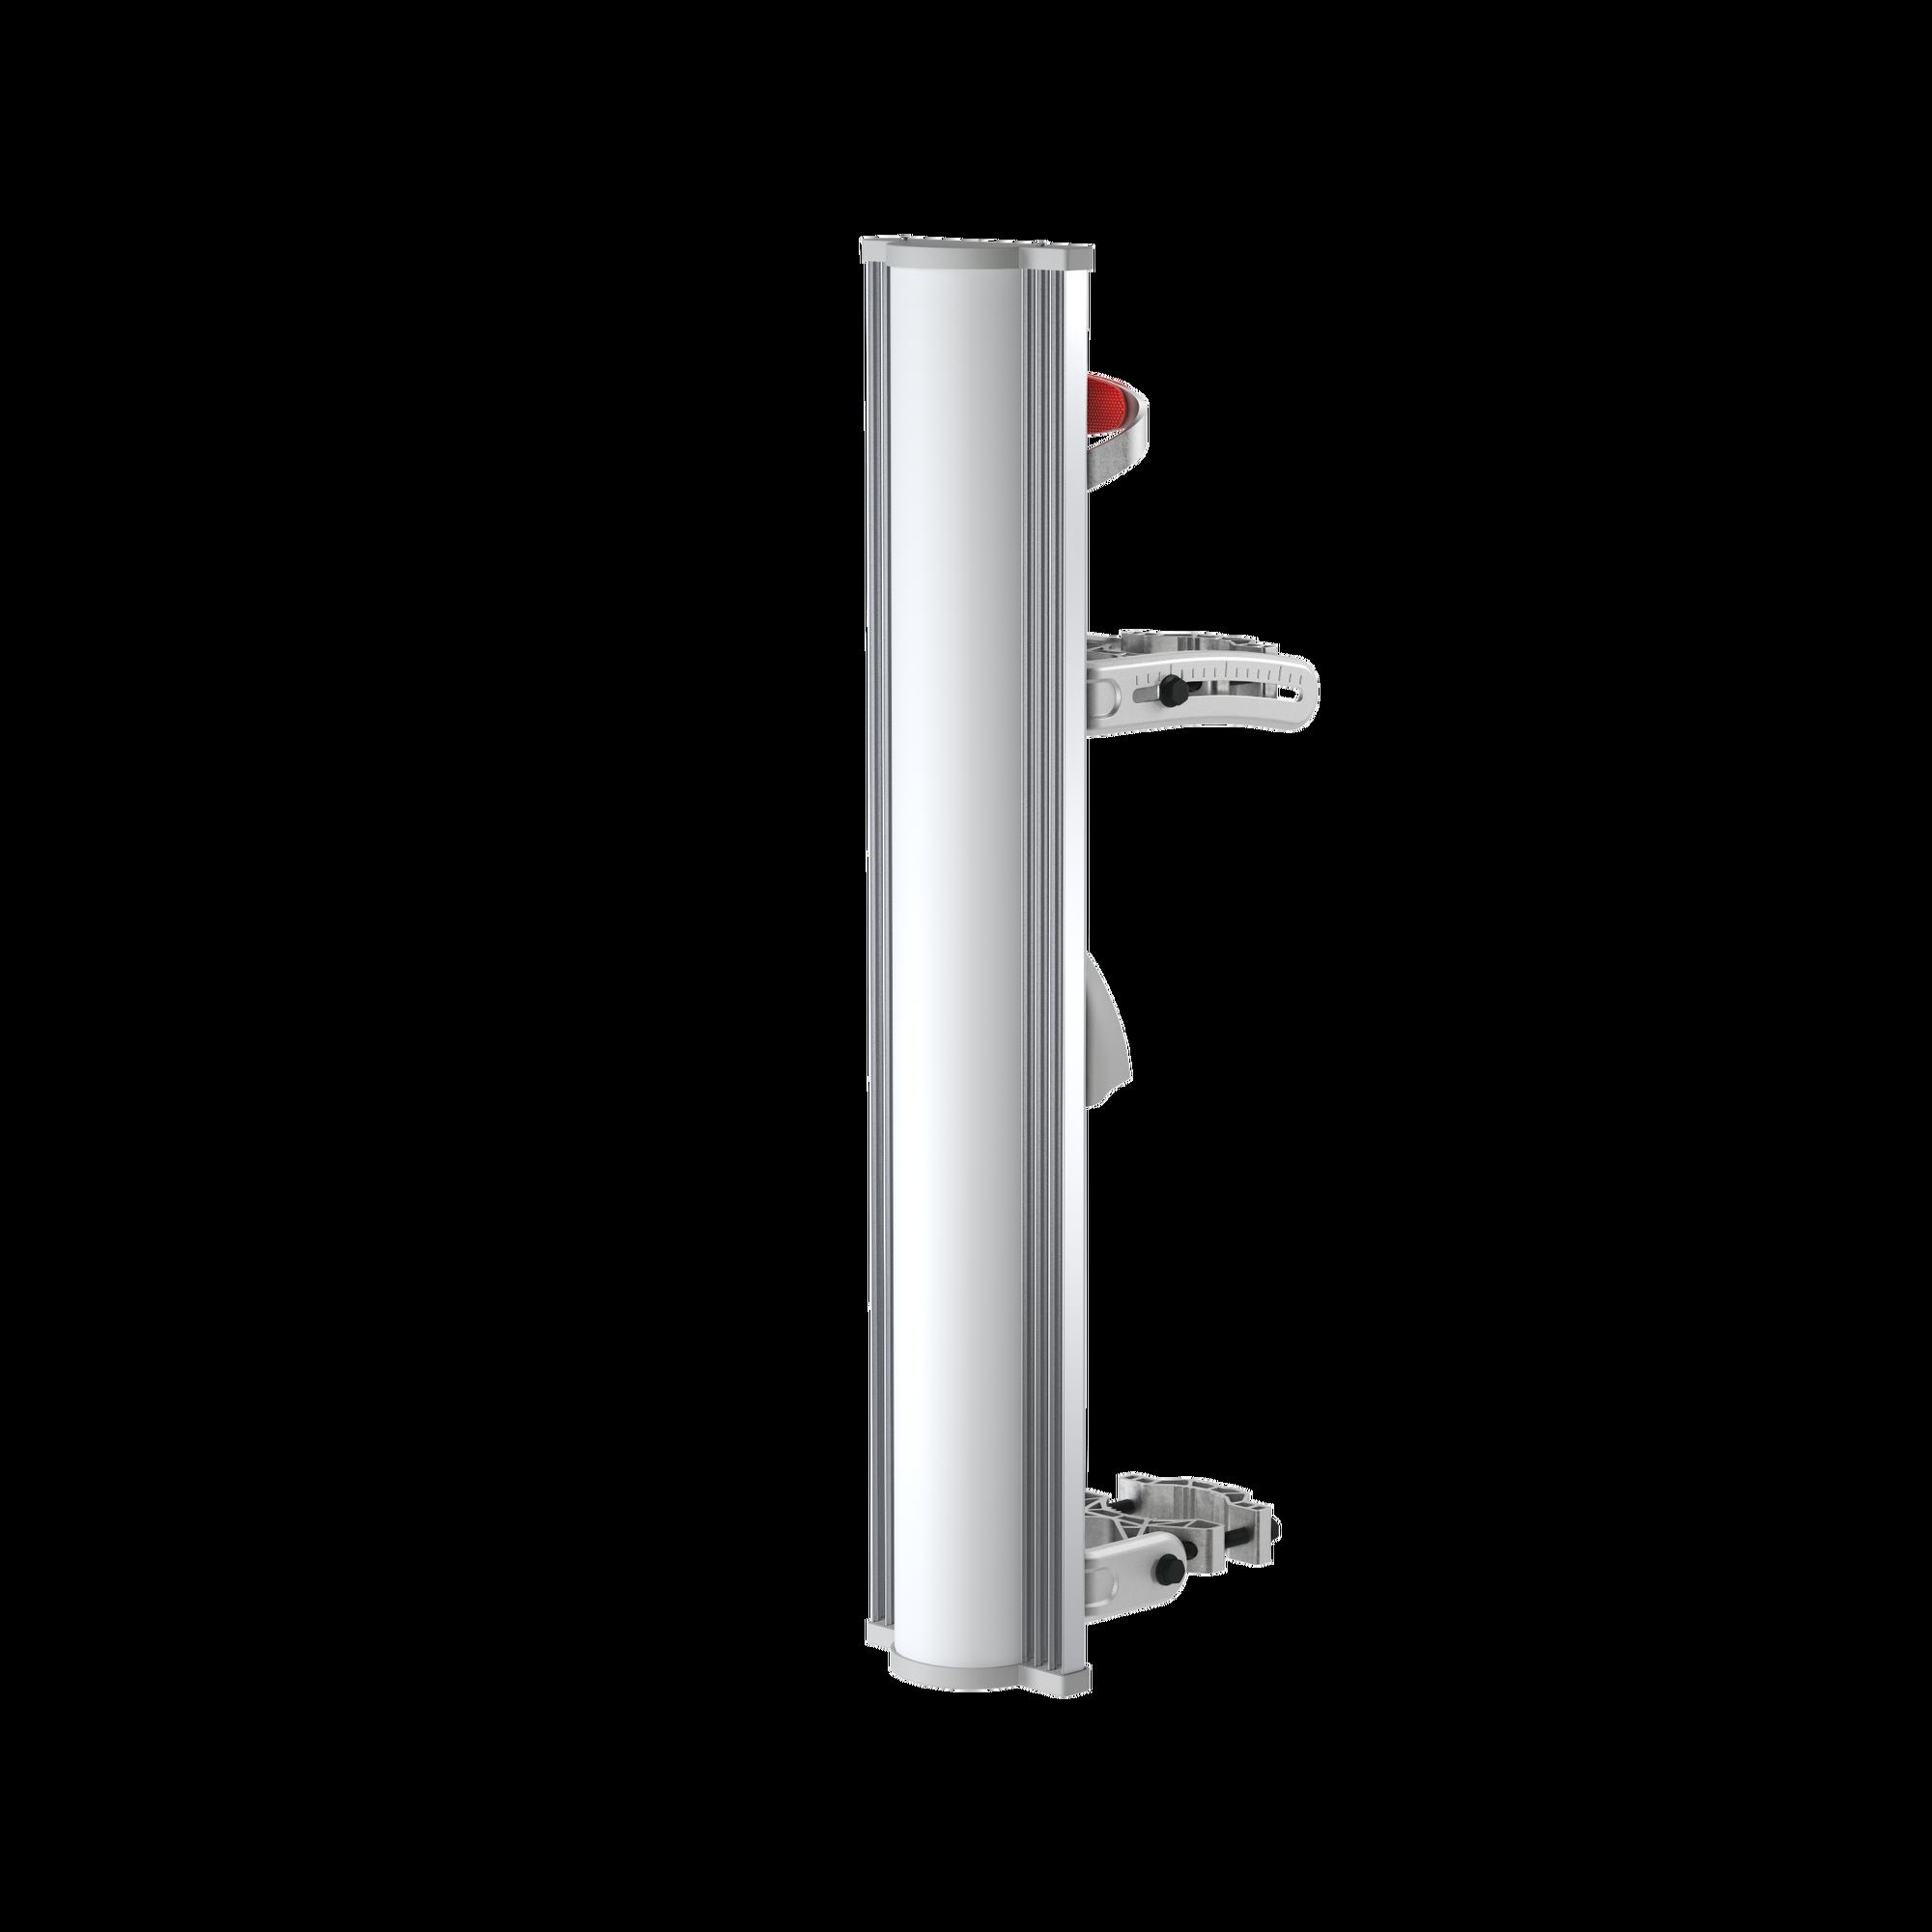 Antena Sectorial 100? Tipo Panel en 2.4 GHz, Ganancia de 14 dBi, BackShield para rechazo al ruido